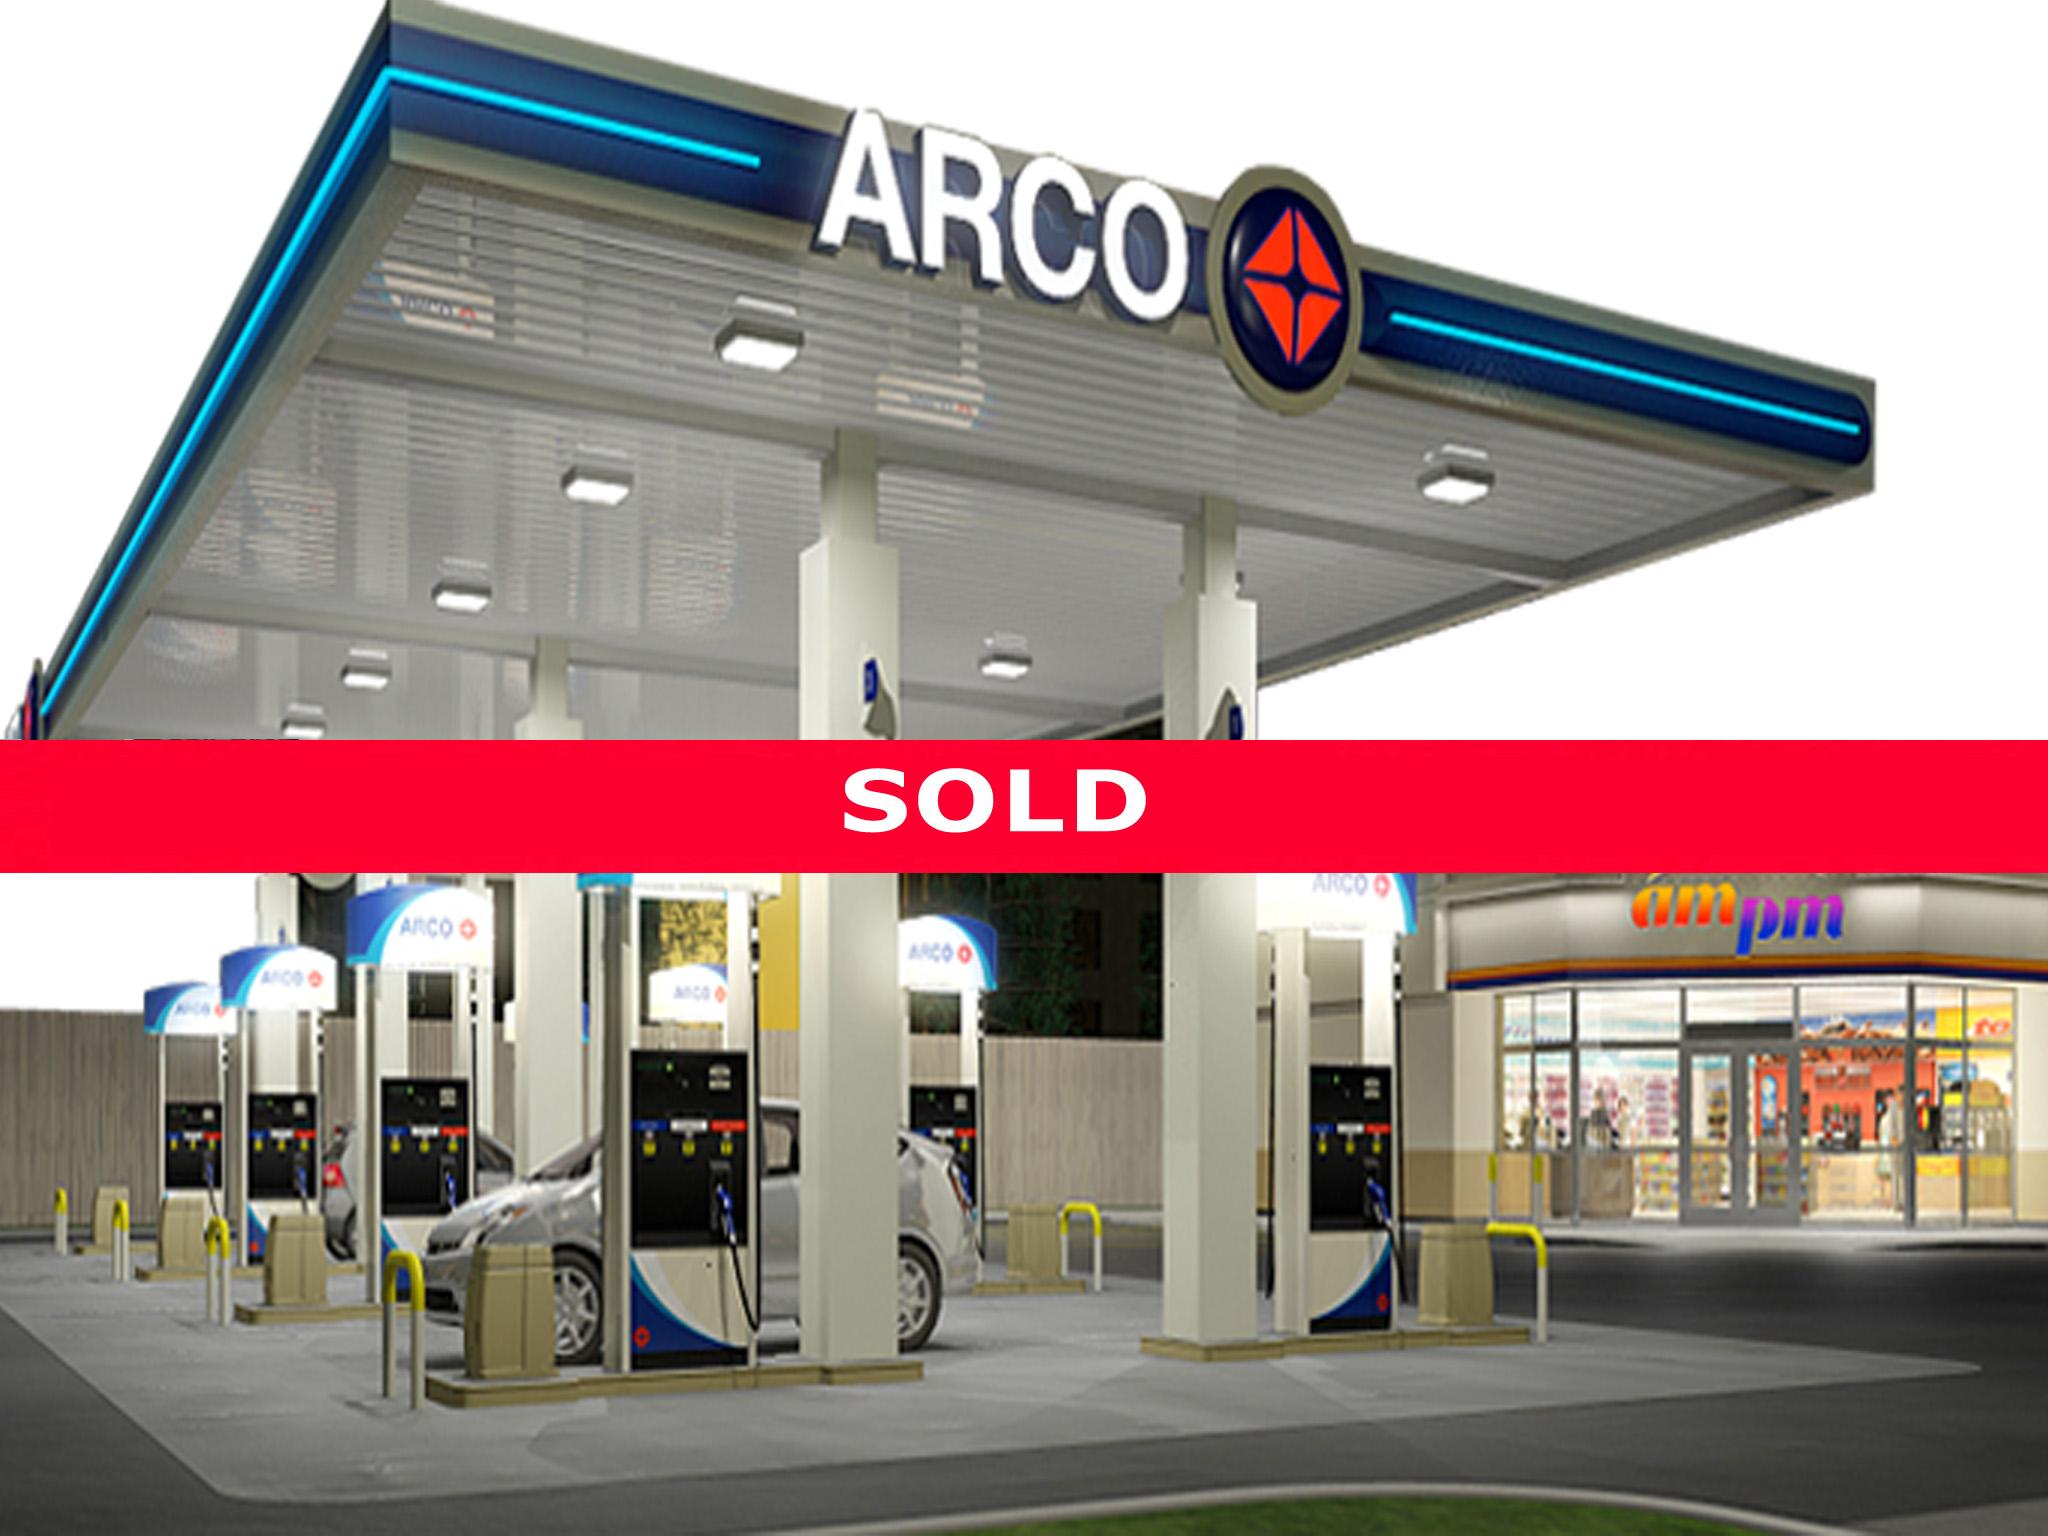 arco car wash  ARCO AM/PM Or 7-Eleven Express Car Wash! | BIZ Builder.Com